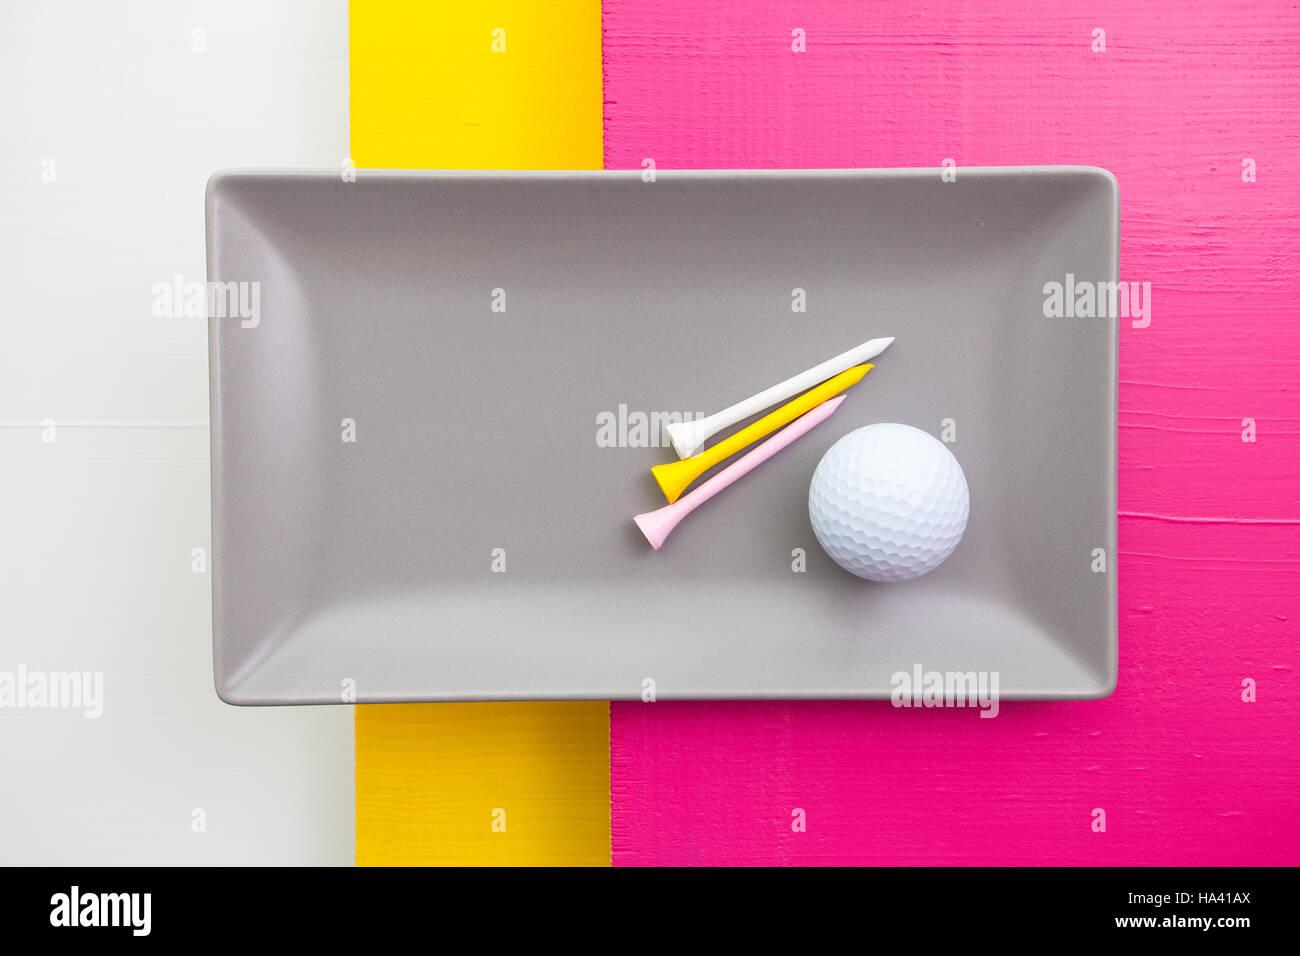 Plat de céramique gris avec des équipements de golf sur plus de blanc, jaune et rose, table en bois plat Photo Stock